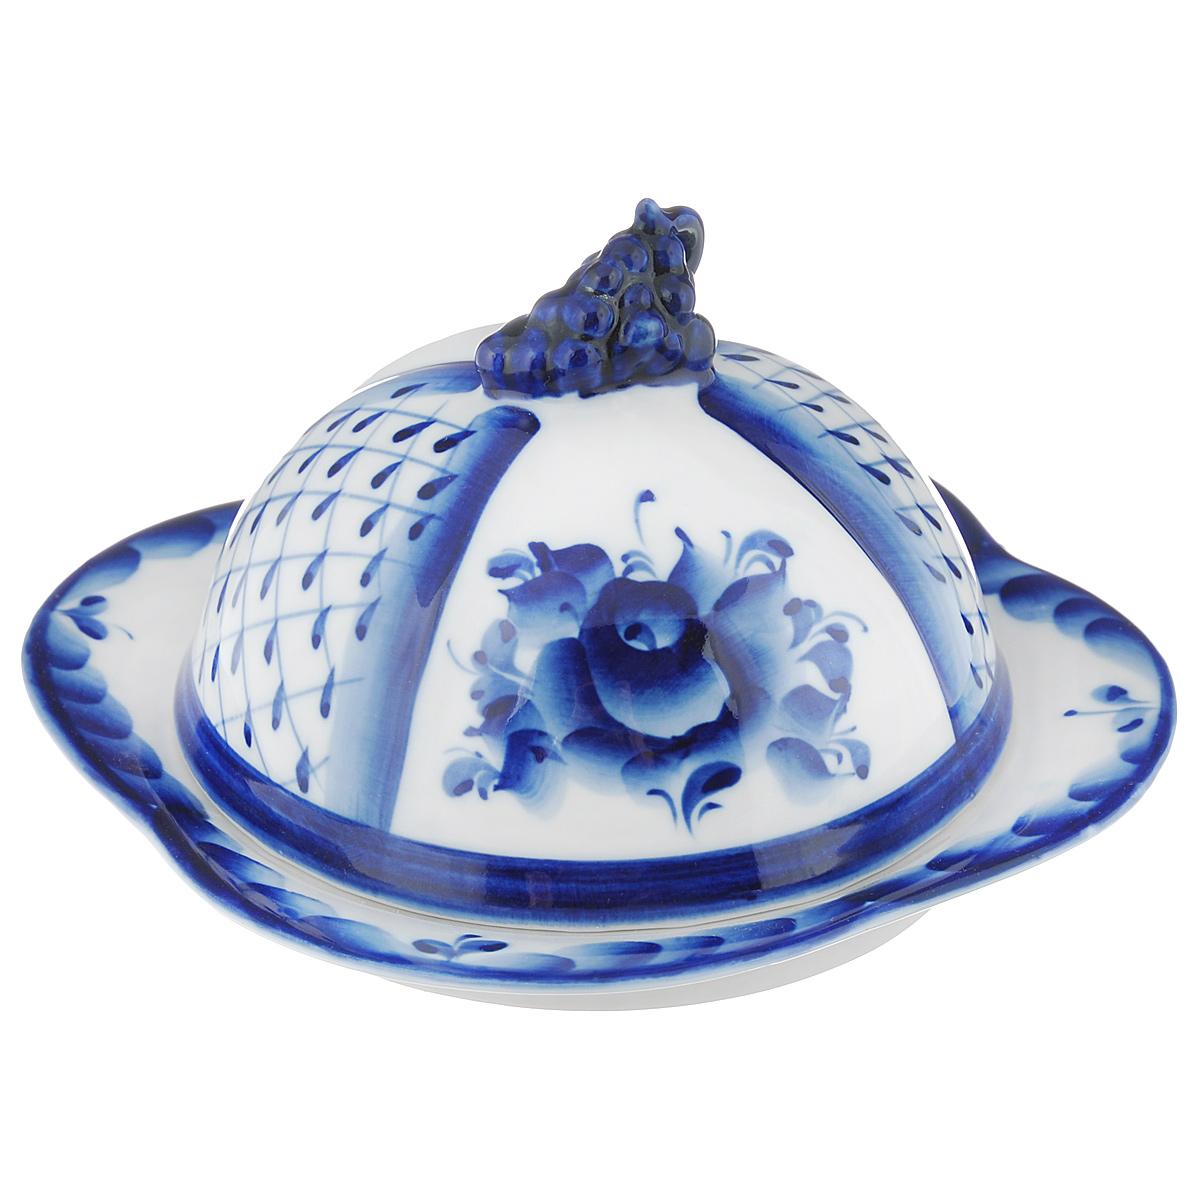 Масленка Голубая рапсодия, цвет: белый, синий993003531Масленка Голубая рапсодия выполнена из высококачественной керамики в виде подноса с крышкой и оформлена легкой росписью кобальтом, которая сочетает простые линии и орнаменты с красивыми цветочными узорами. Крышка масленки изготовлена в виде грозди винограда. Изделие предназначено для красивой сервировки и хранения масла. Обращаем ваше внимание, что роспись на изделие сделана вручную. Рисунок может немного отличаться от изображения на фотографии. Размер подноса: 15,5 см х 15,5 см х 2,5 см. Высота крышки масленки: 10 см.